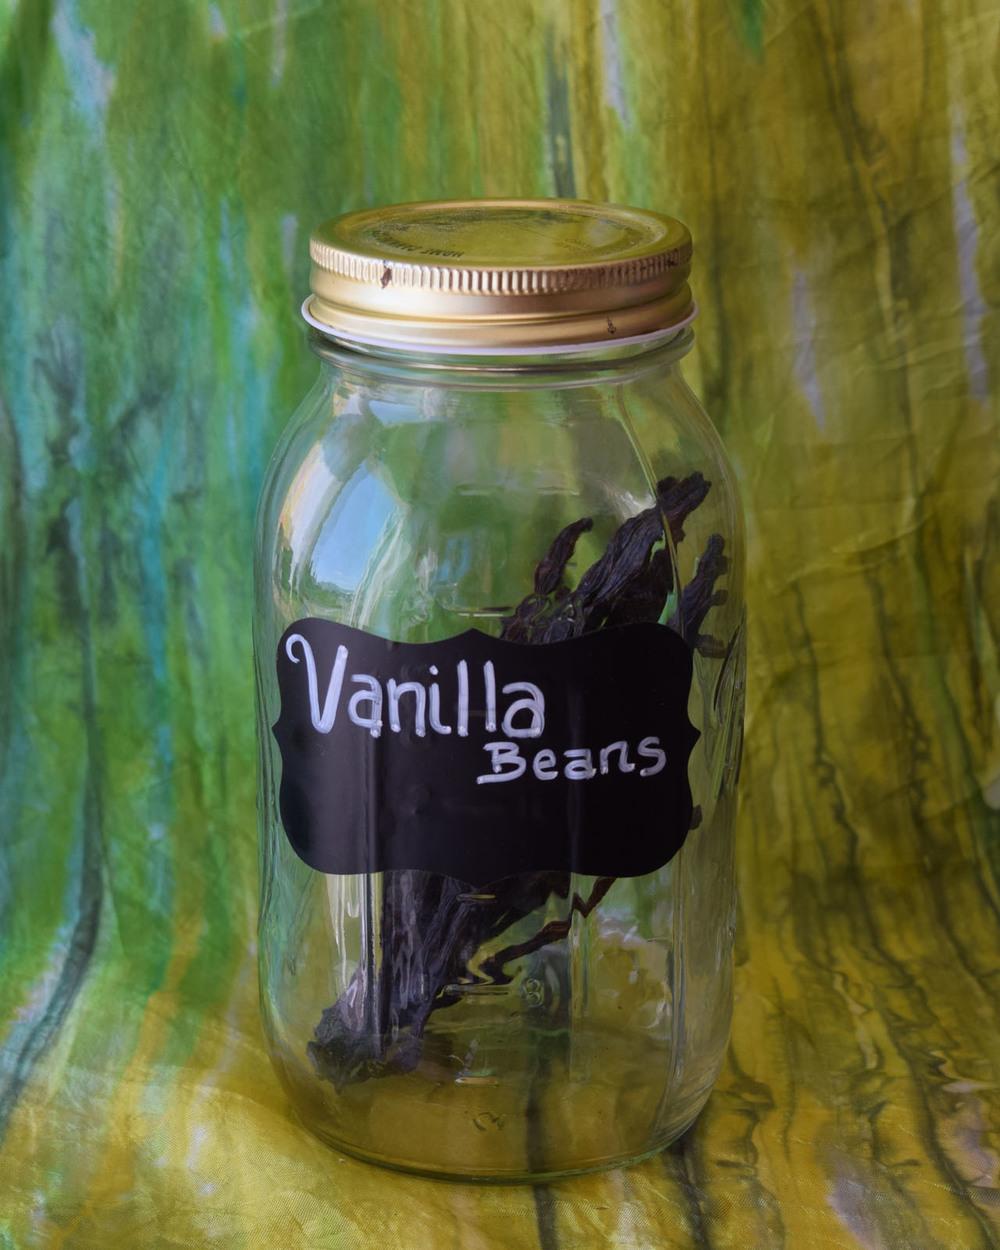 Vanilla beans*